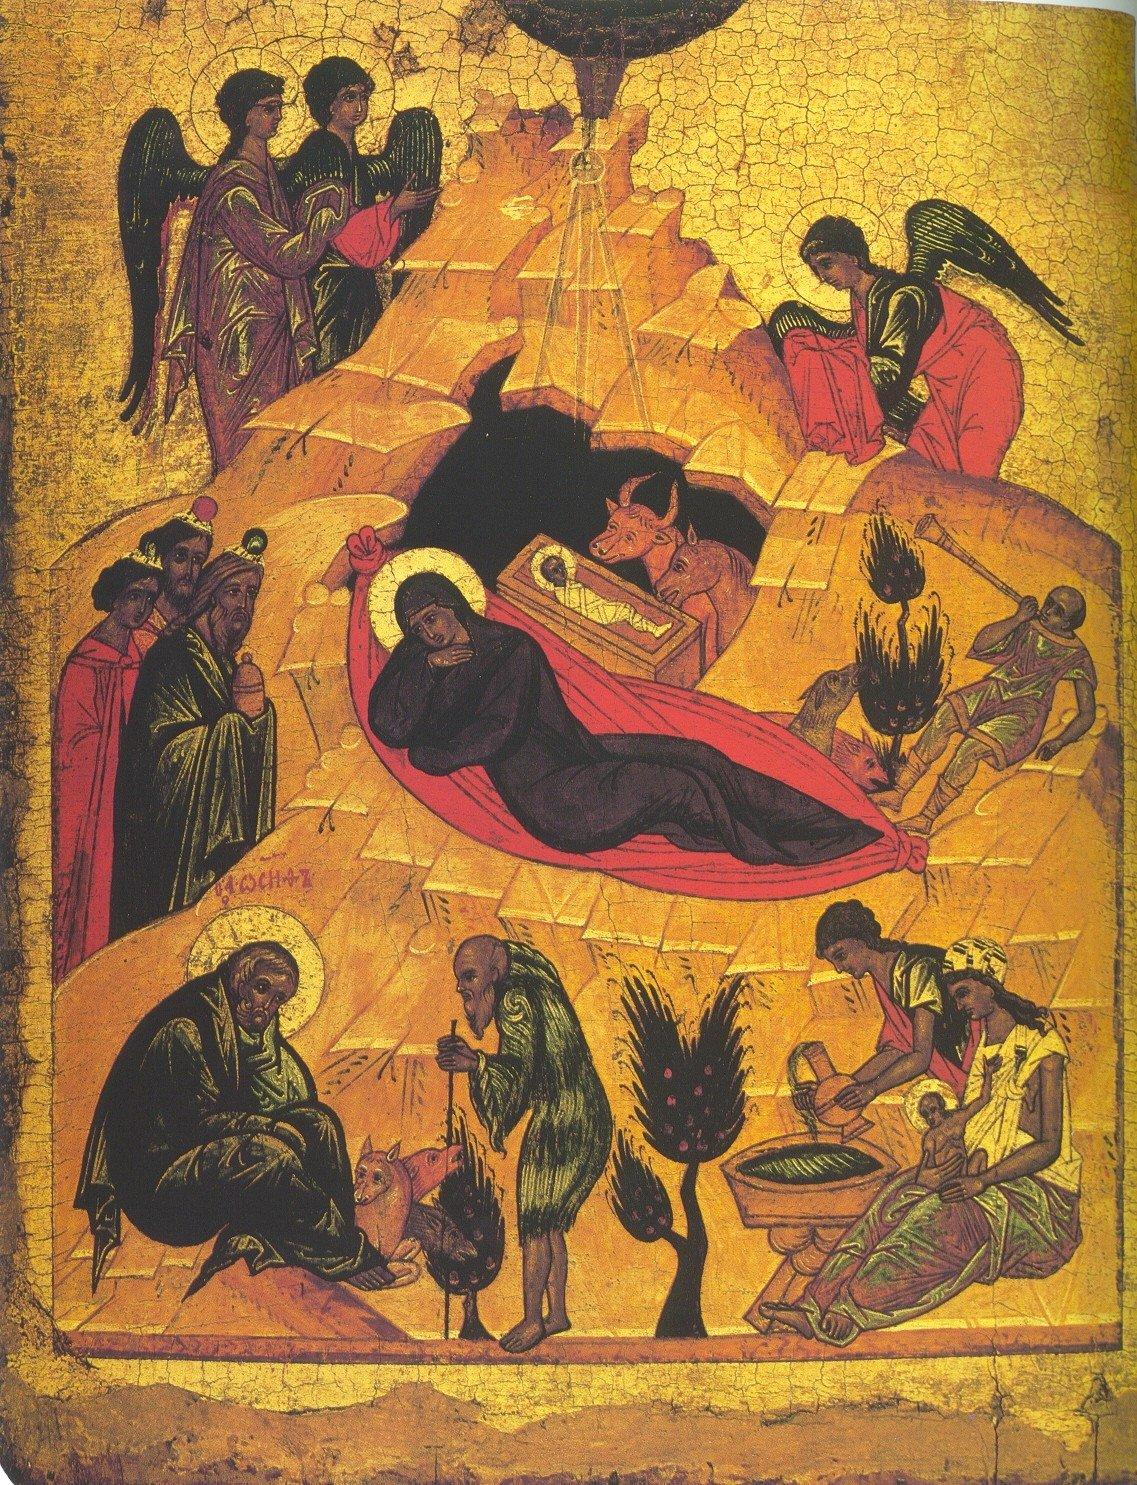 Die Geburtsgeschichte aus dem Evangelium nach Lukas